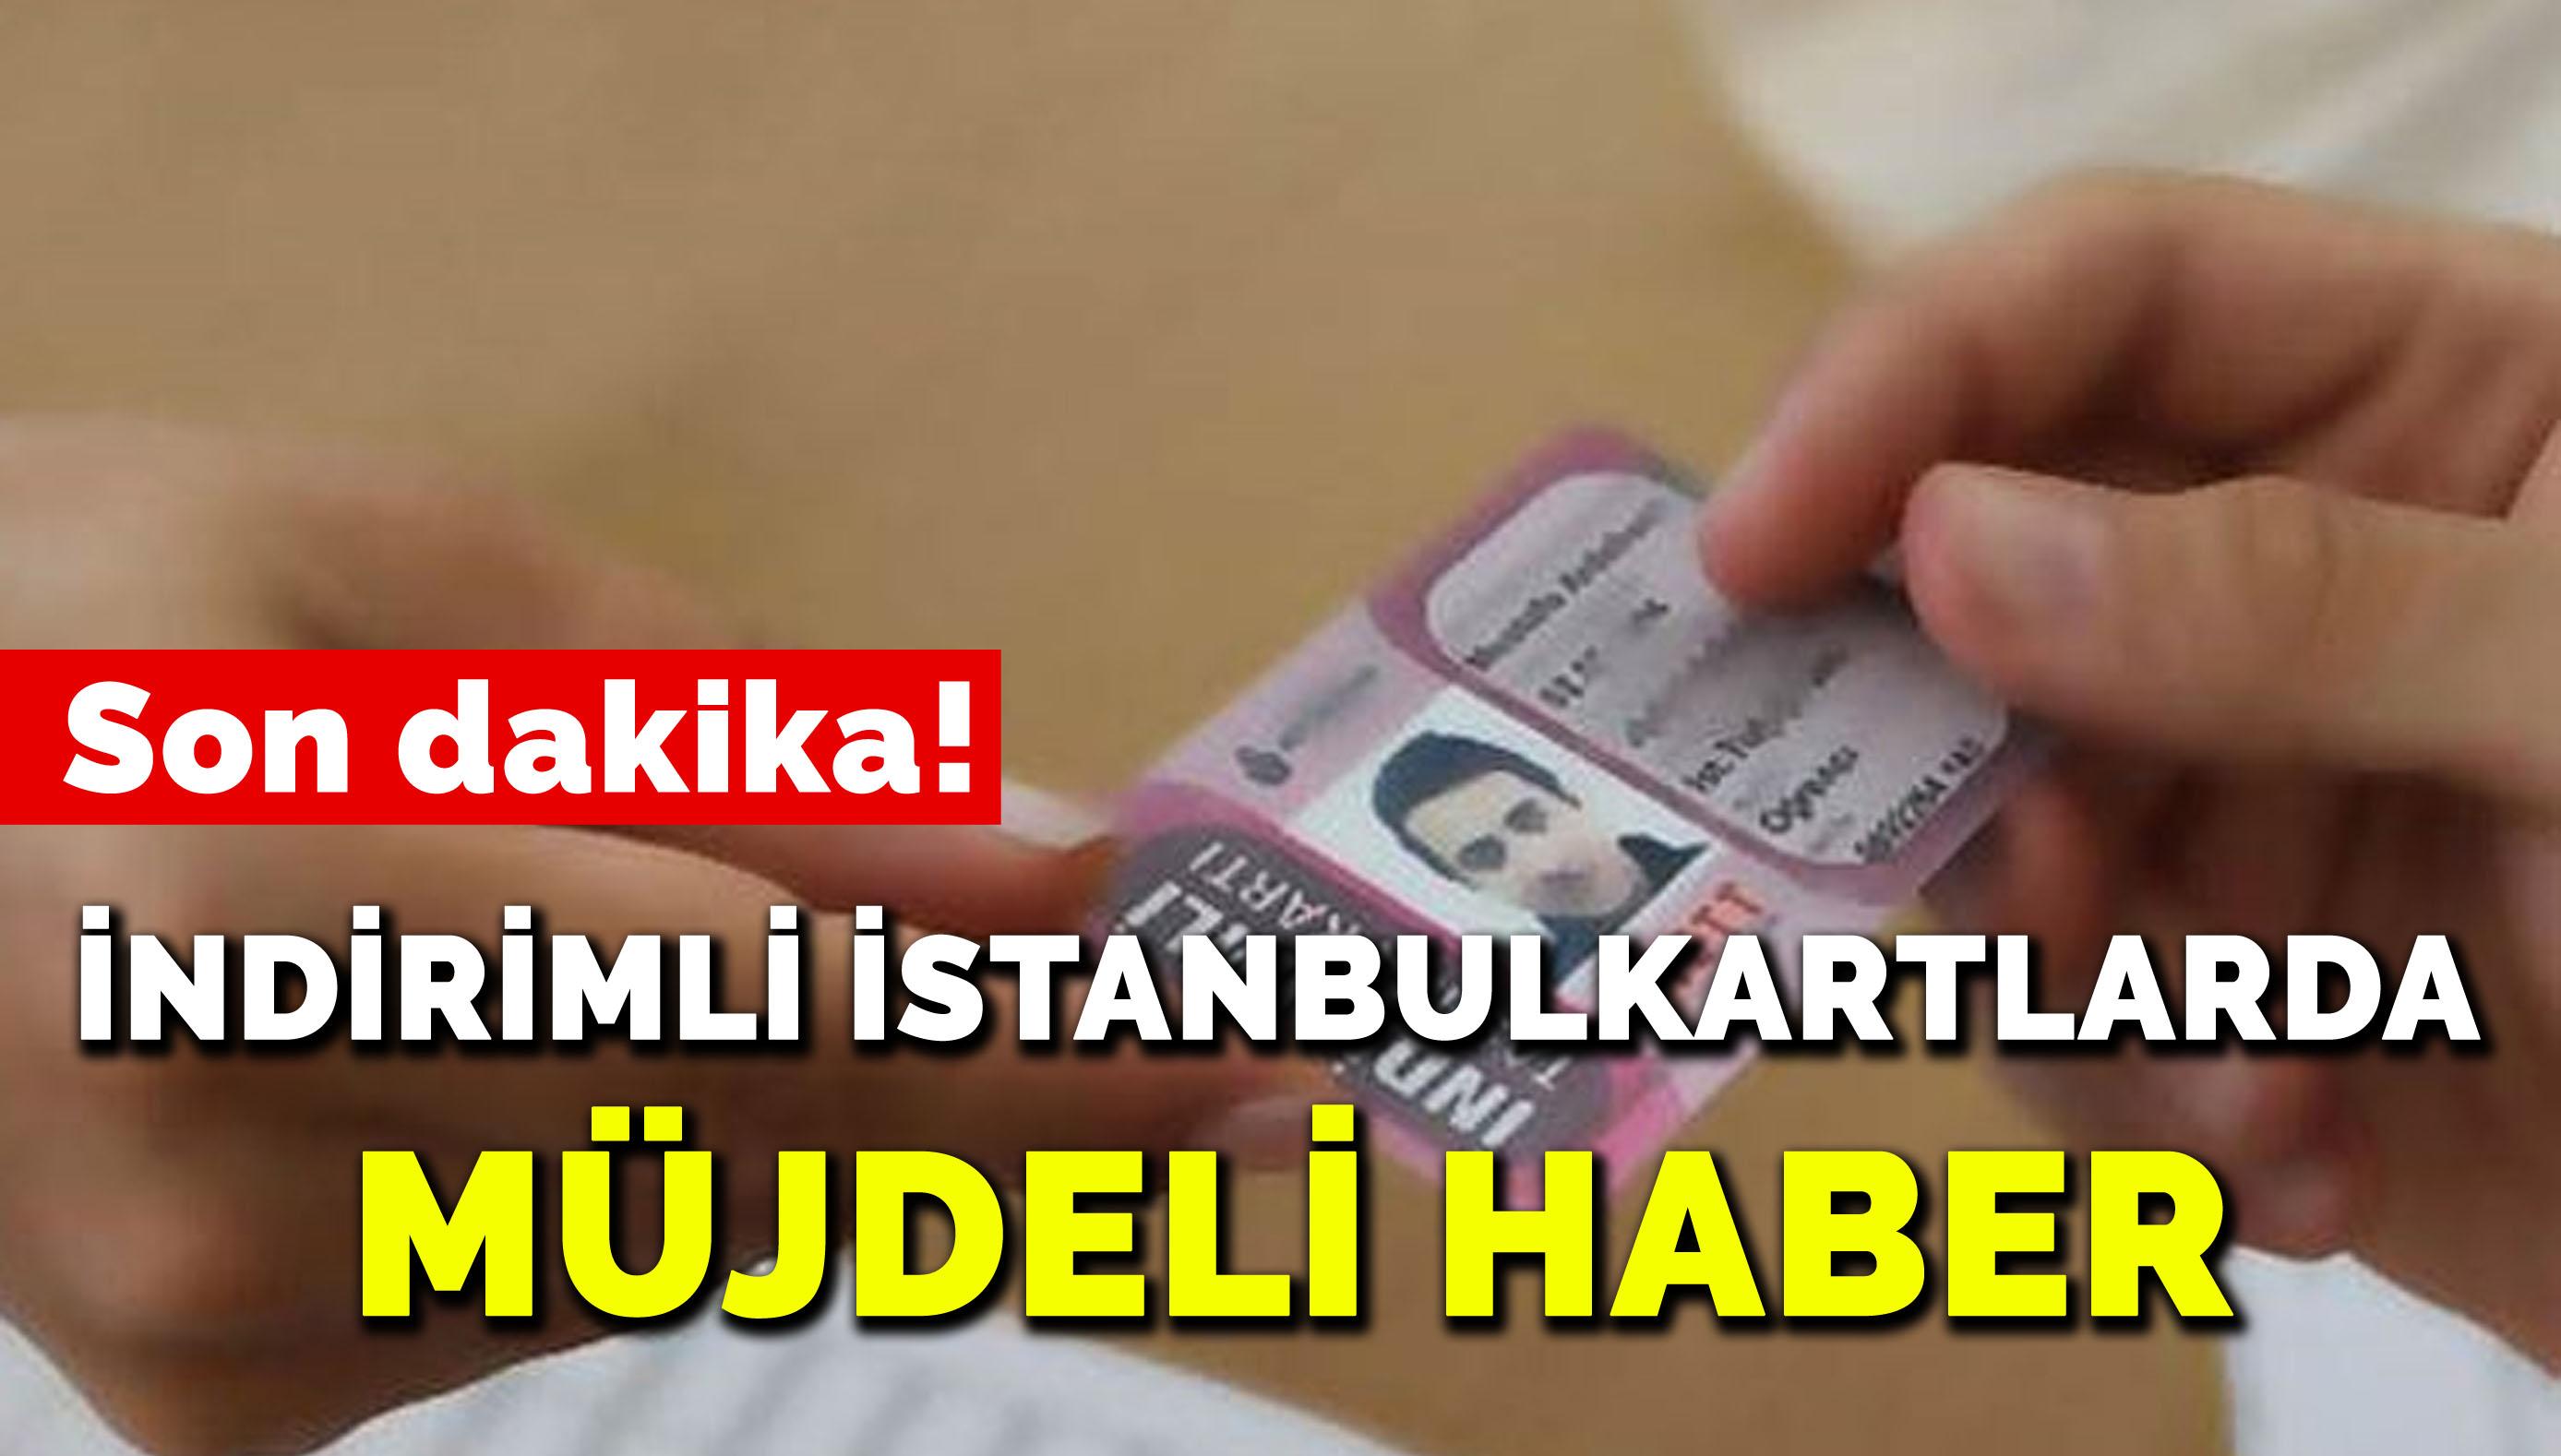 Son dakika… İndirimli İstanbulkartlarda müjdeli haber